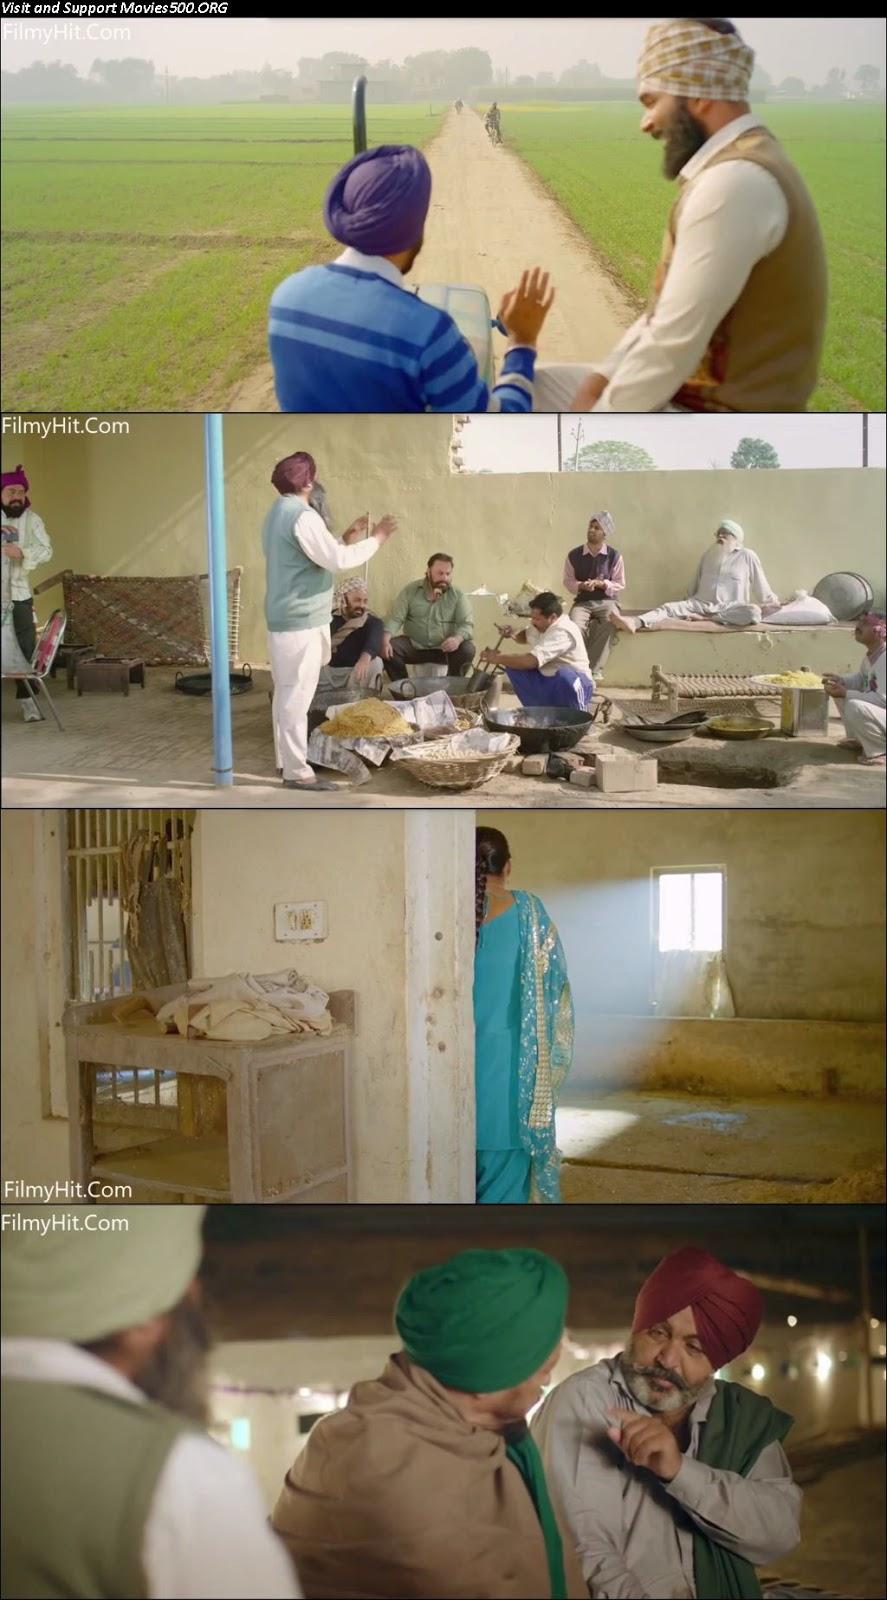 Manje Bistre 2017 Punjabi Movie Download HD DVD Rip 720P at 9966132.com